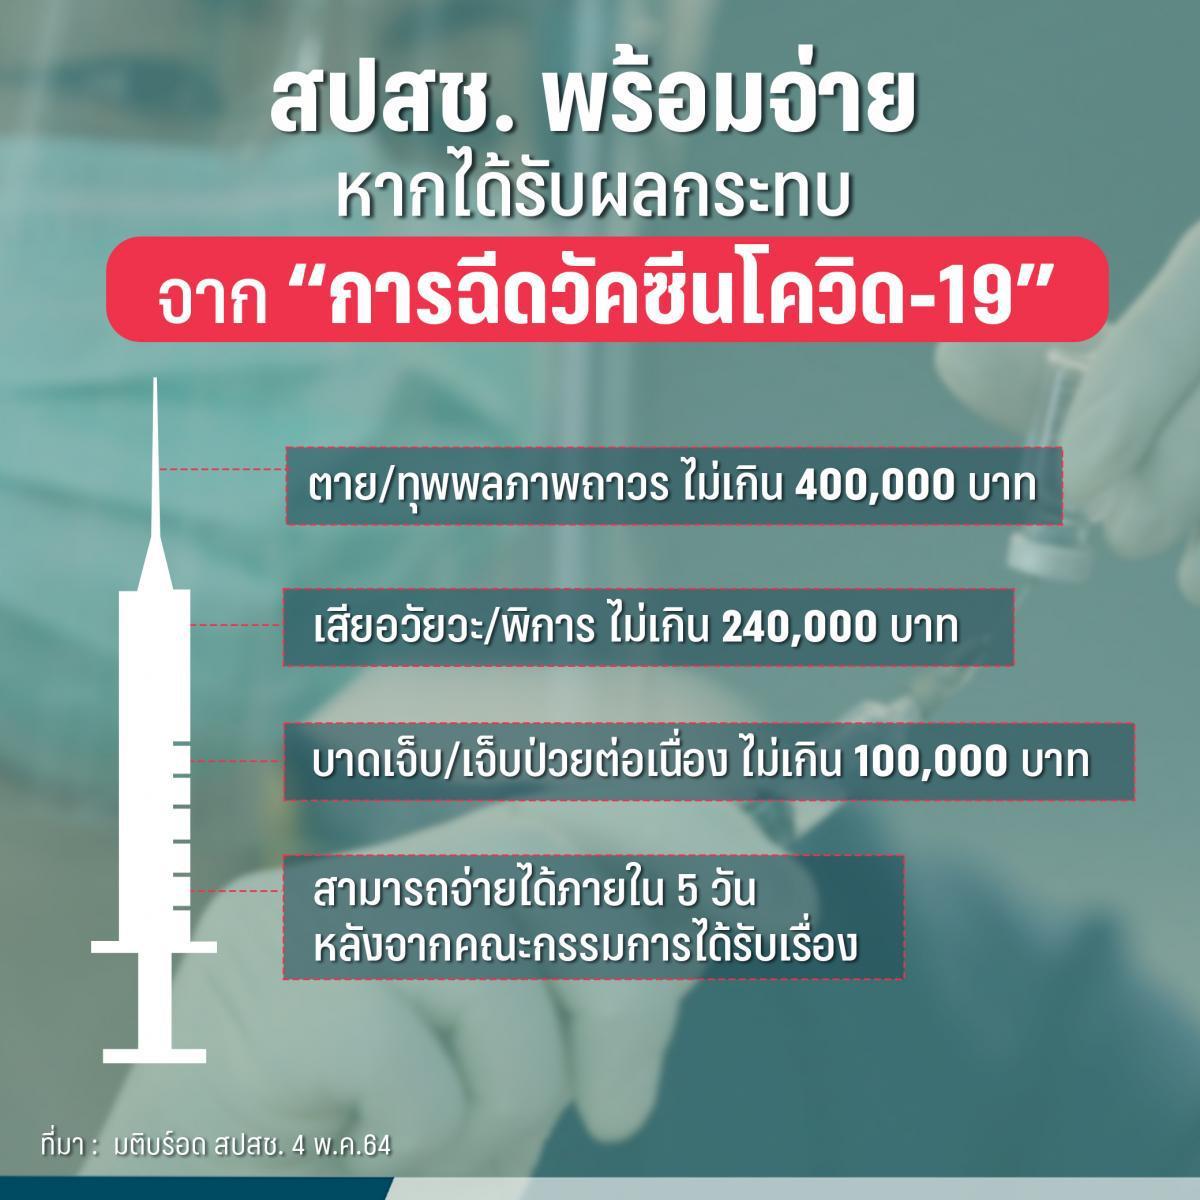 สปสช. พร้อมจ่ายหากได้รับความเสียหายหลังฉีดวัคซีนโควิด-19